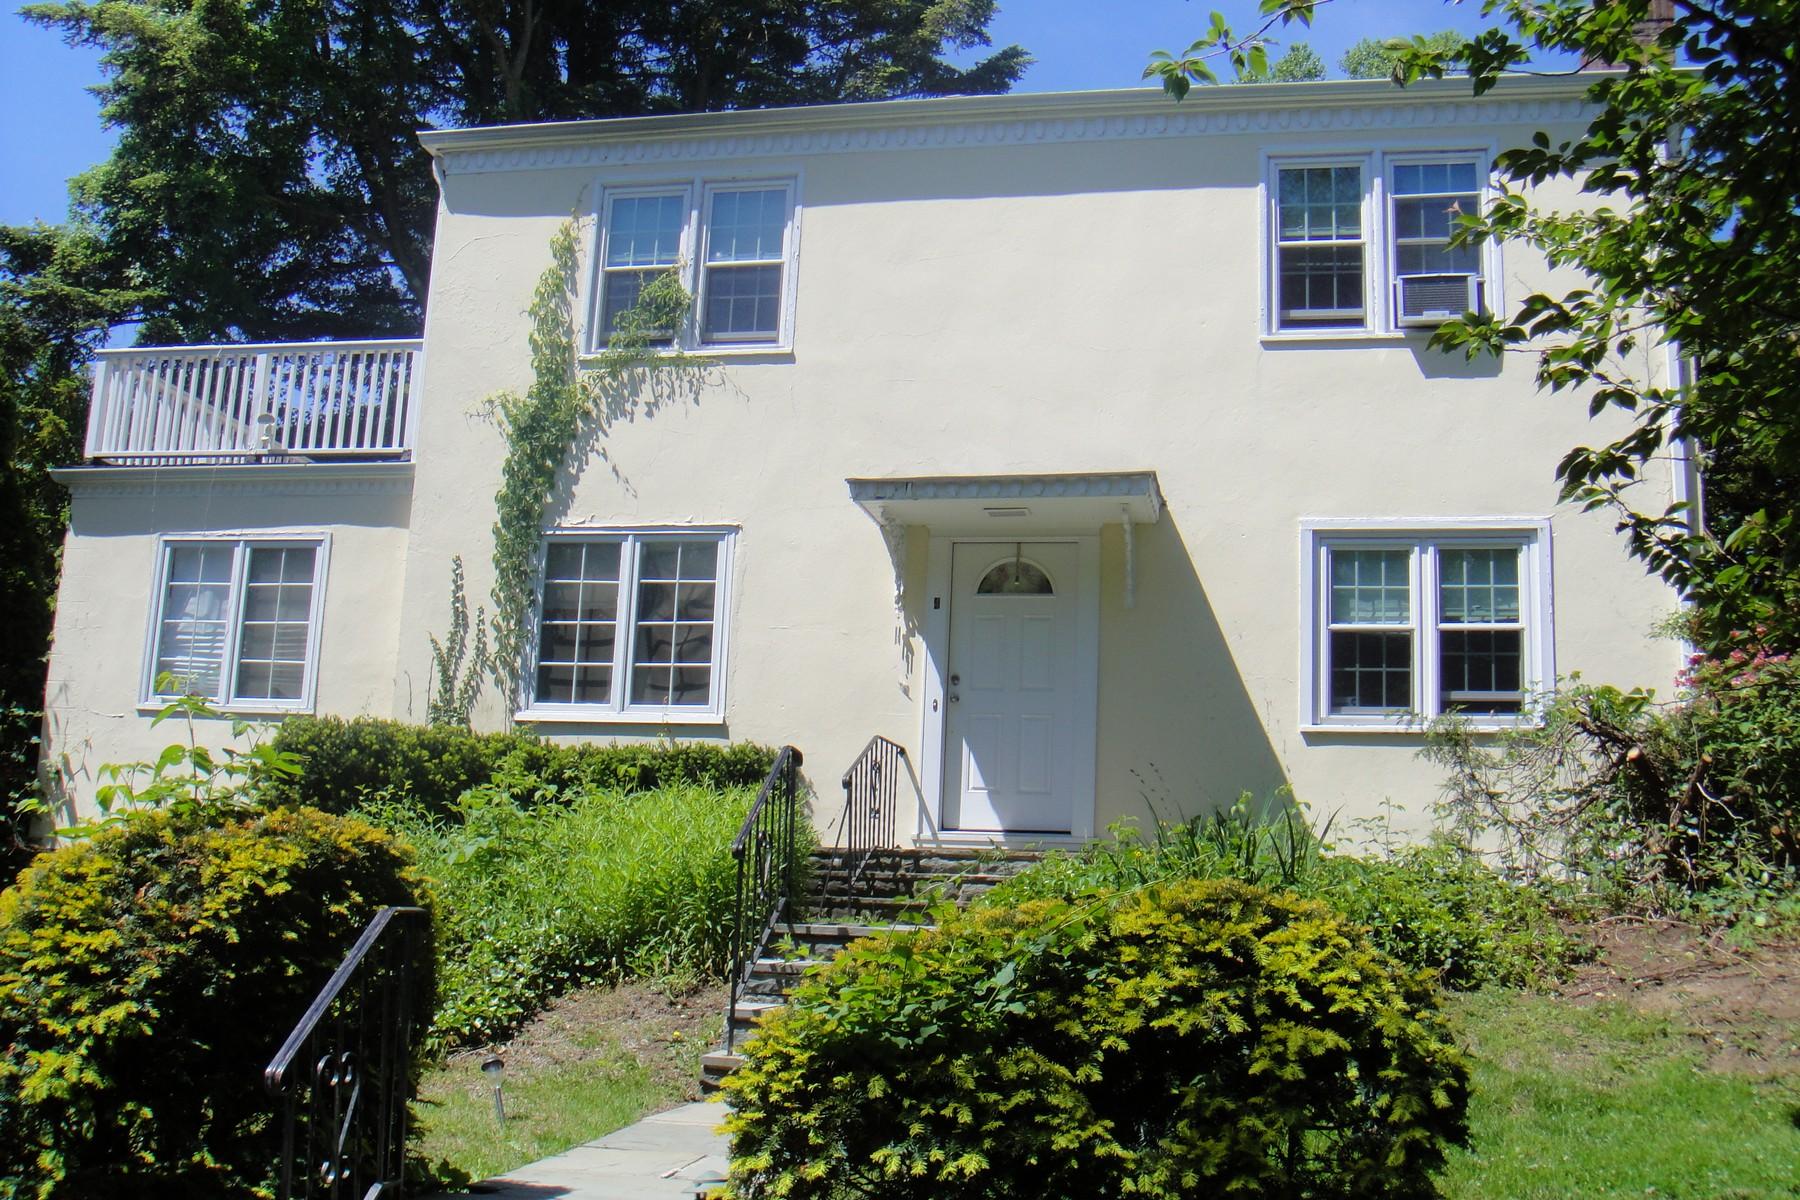 Частный односемейный дом для того Продажа на Colonial 4 Hewlett Rd Greenvale, Нью-Йорк, 11548 Соединенные Штаты